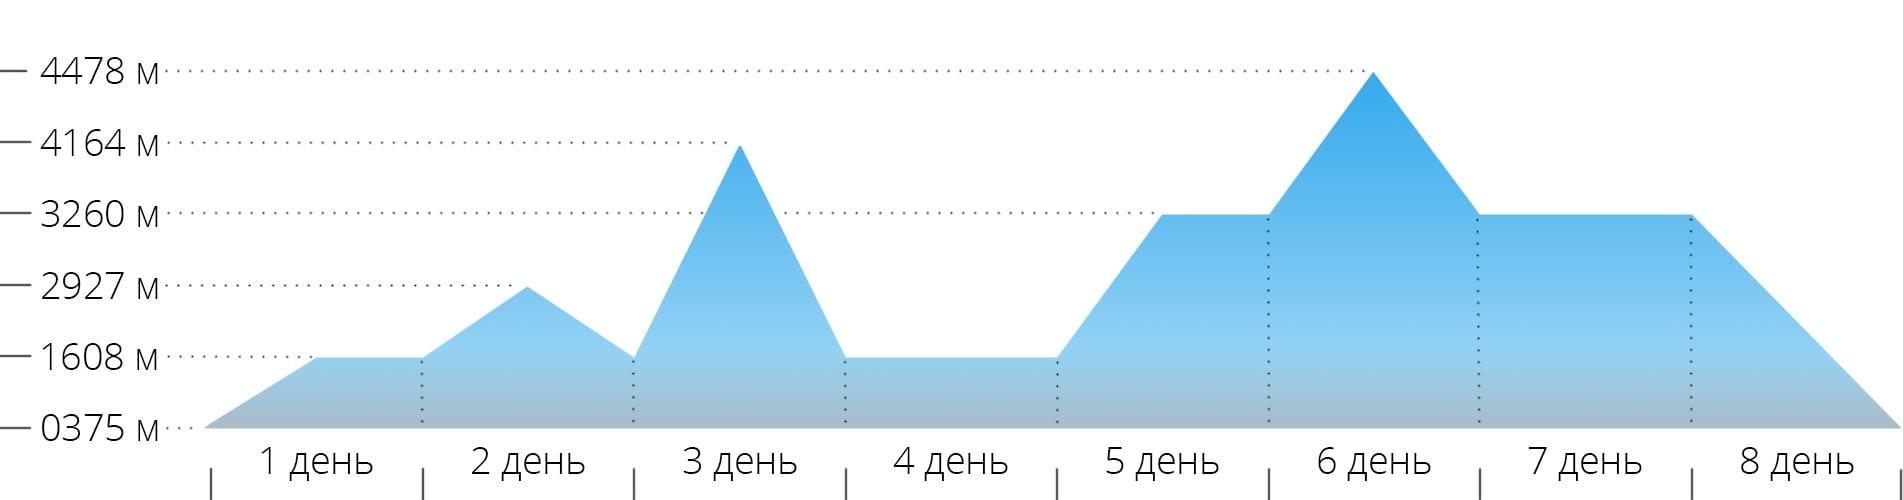 График с высотами для восхождения на гору Маттерхорн